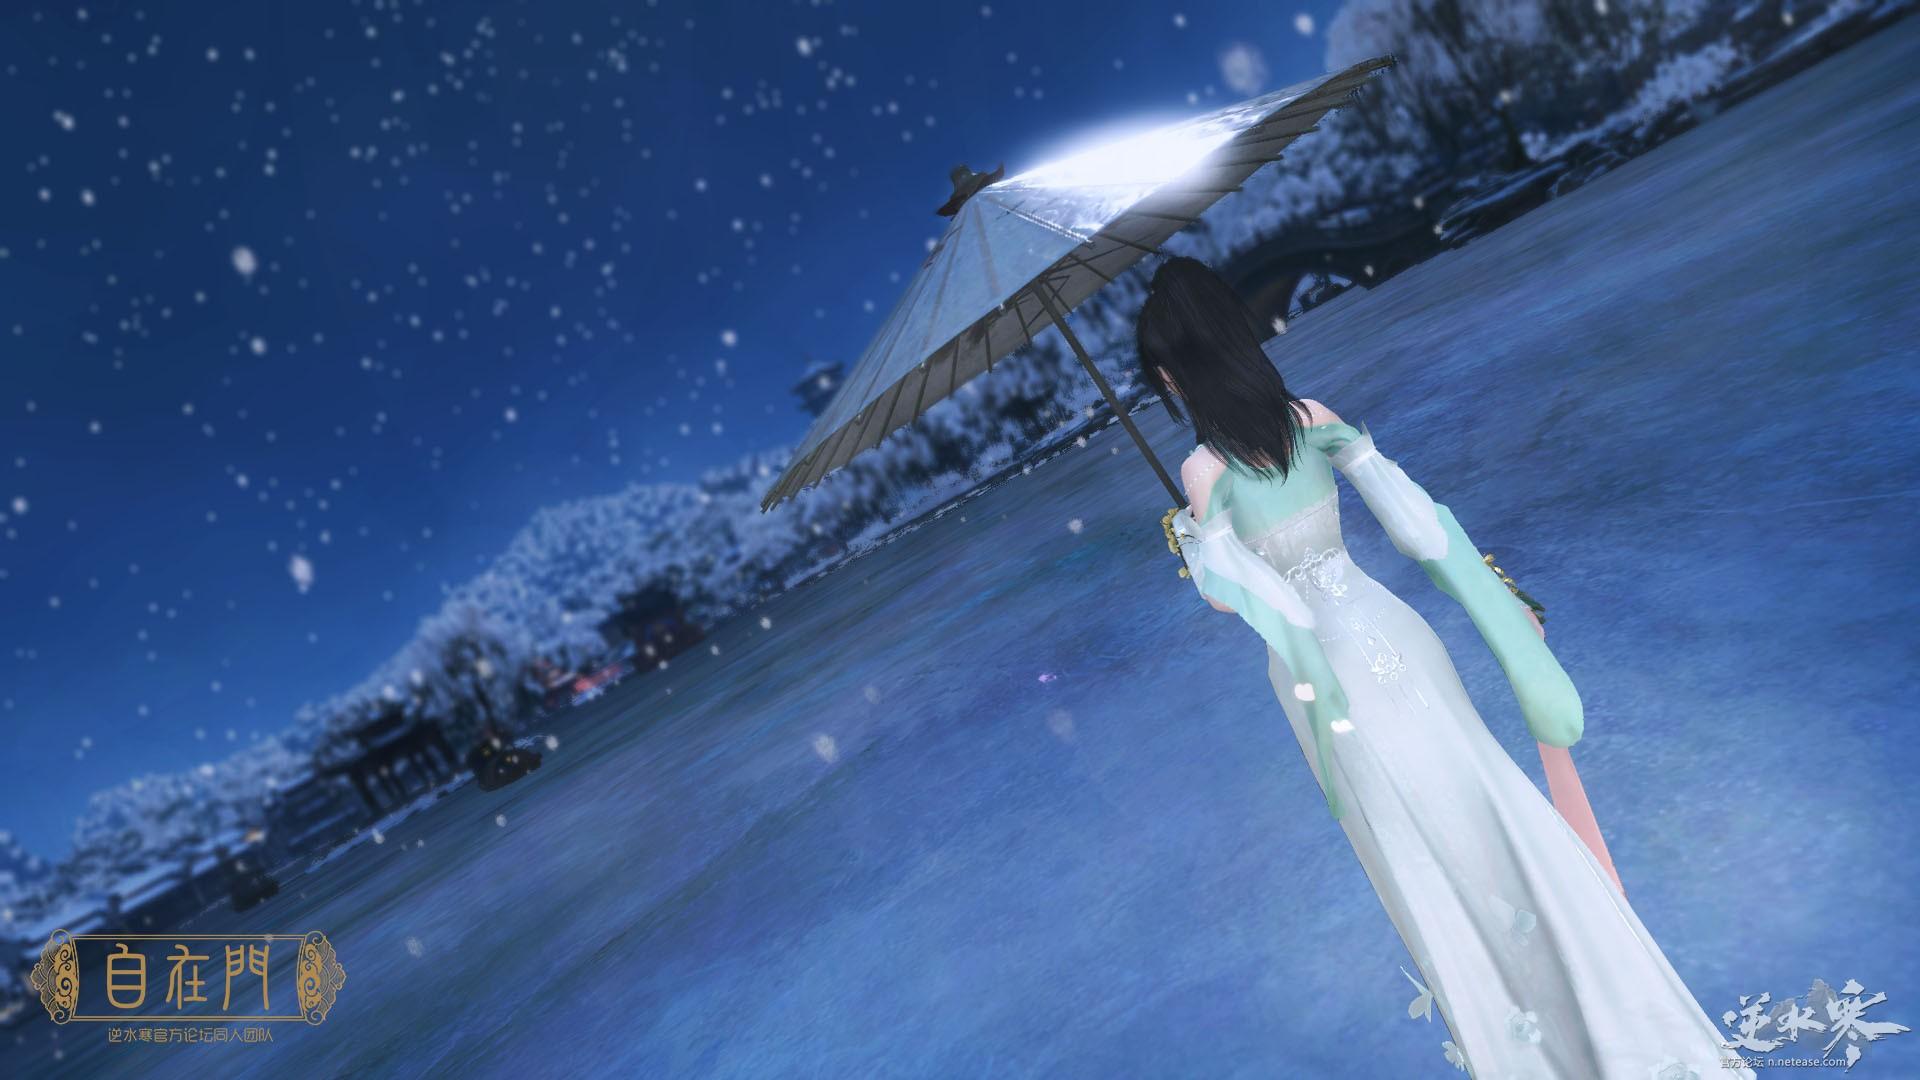 【自在门】去年相送,余杭门外,飞雪似杨花——素问主题壁纸